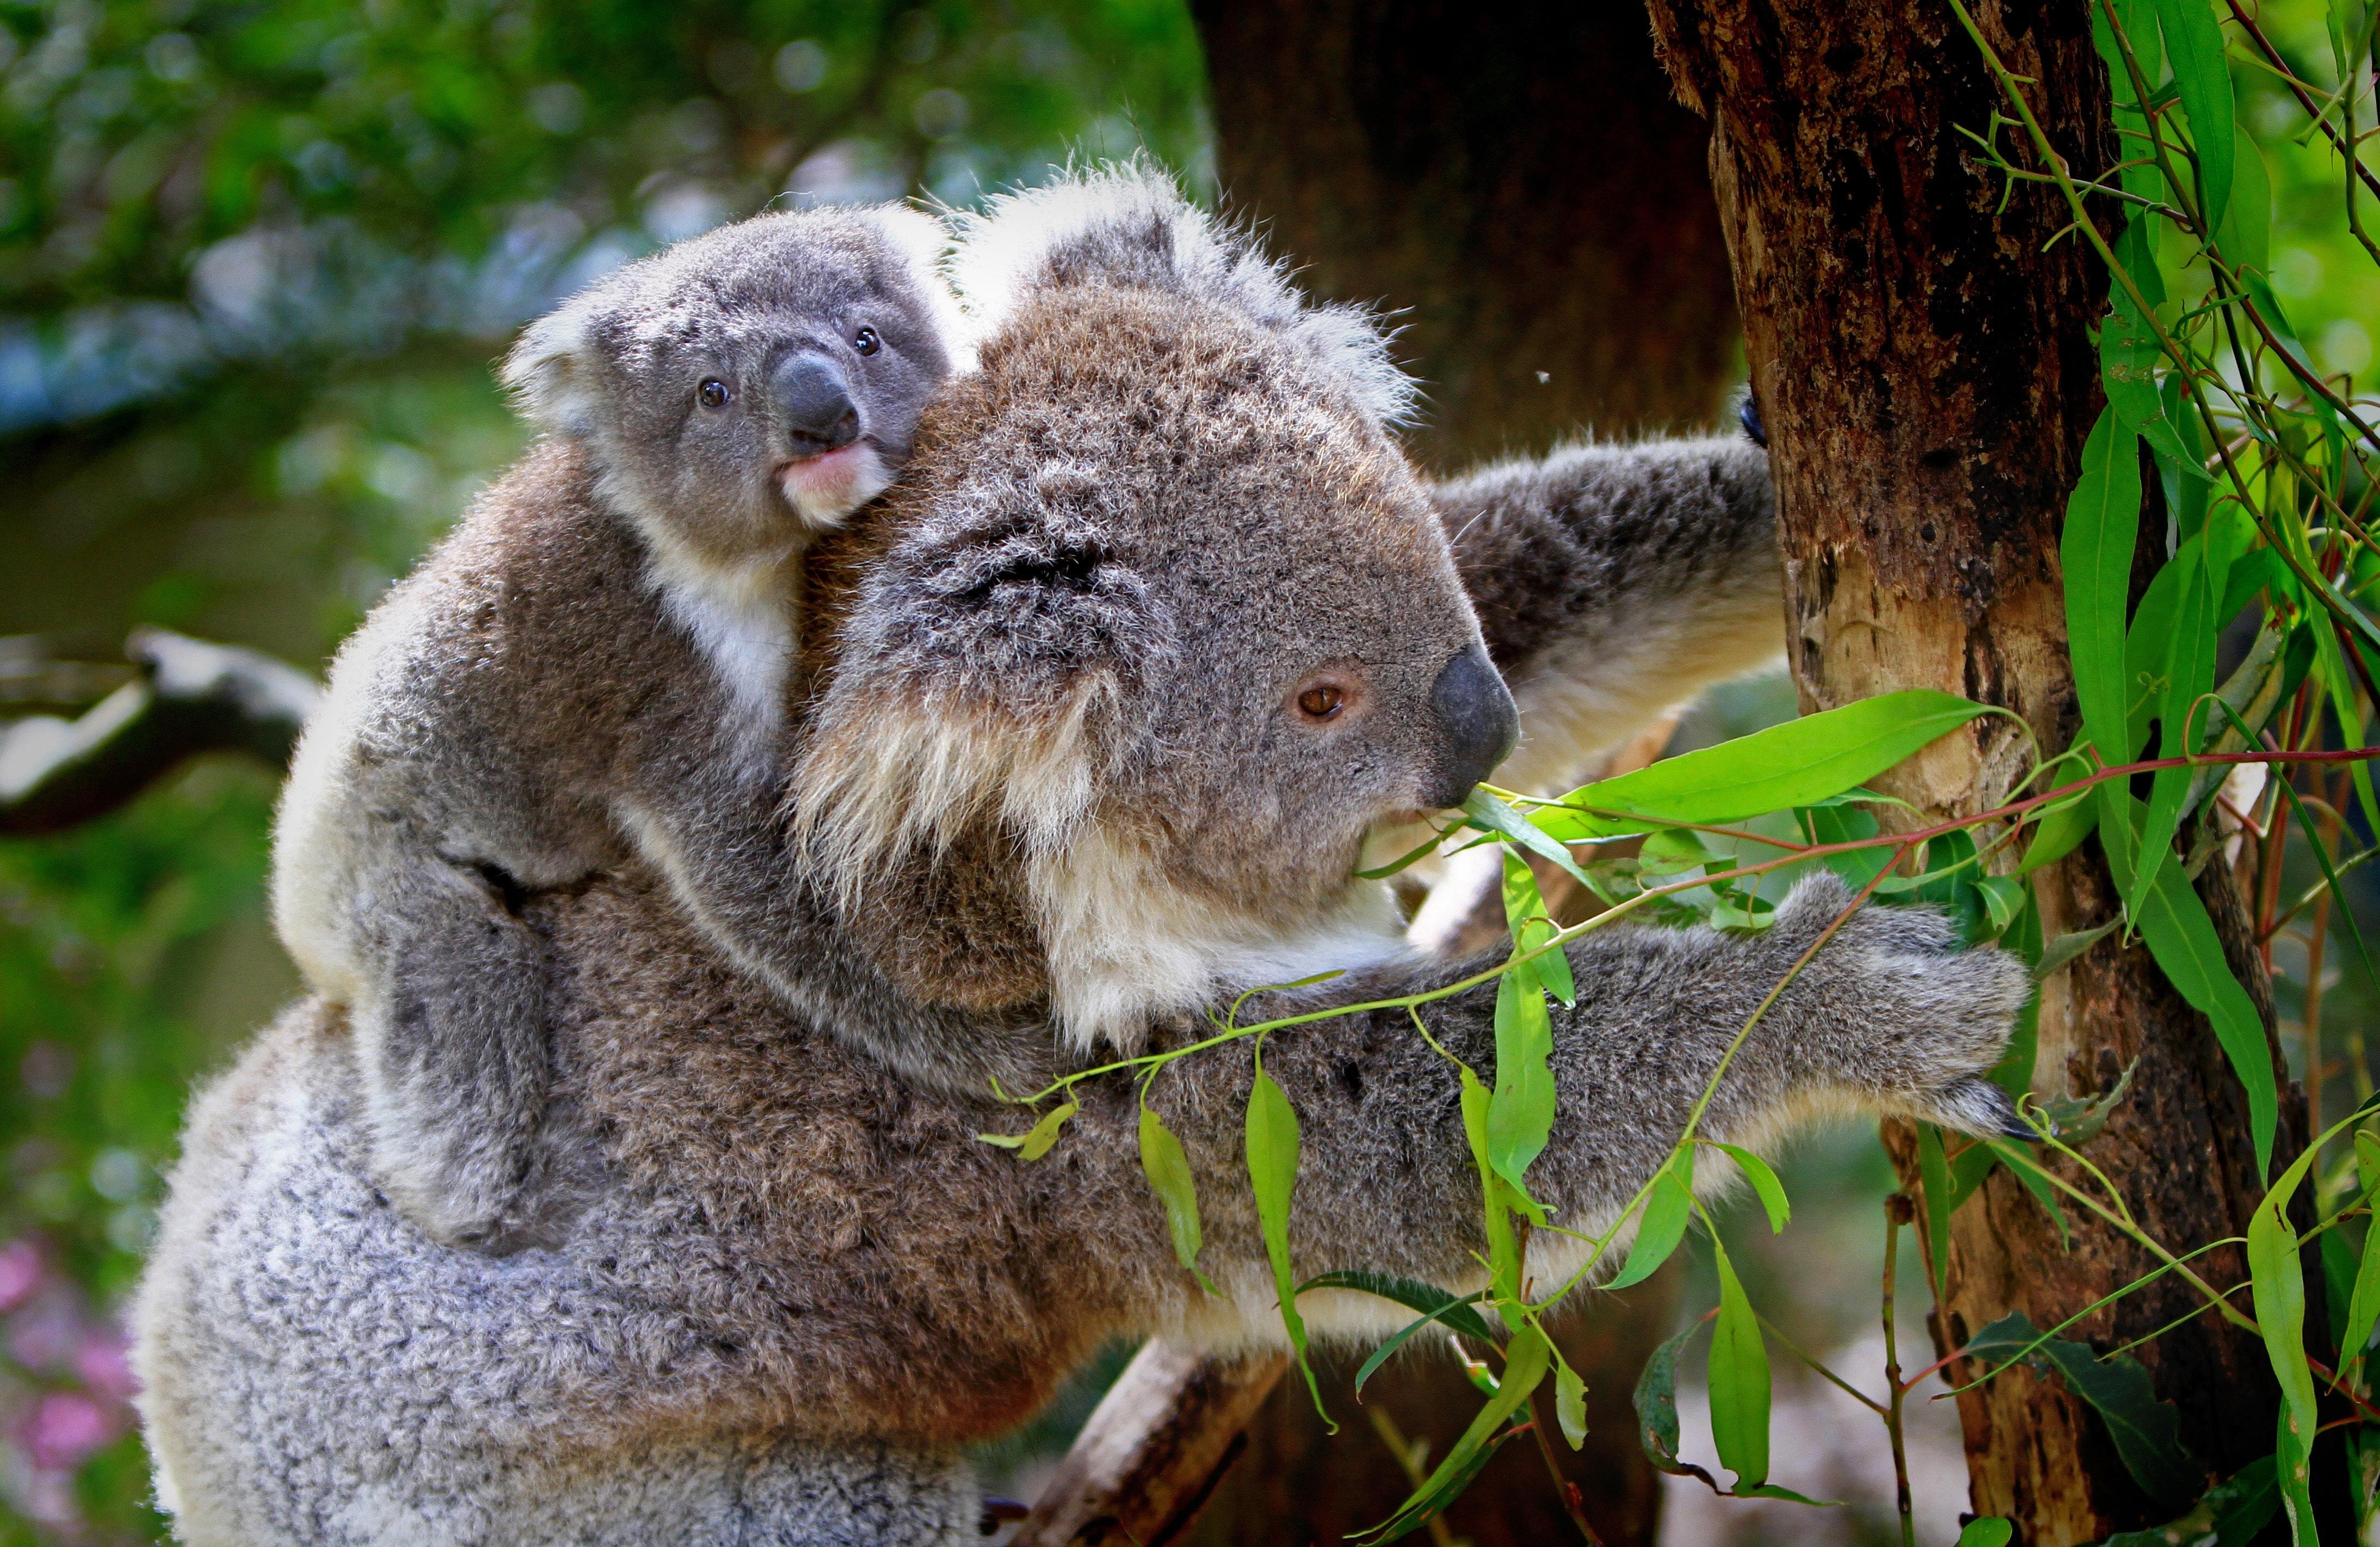 animals-cute-koala-bear-85678.jpg